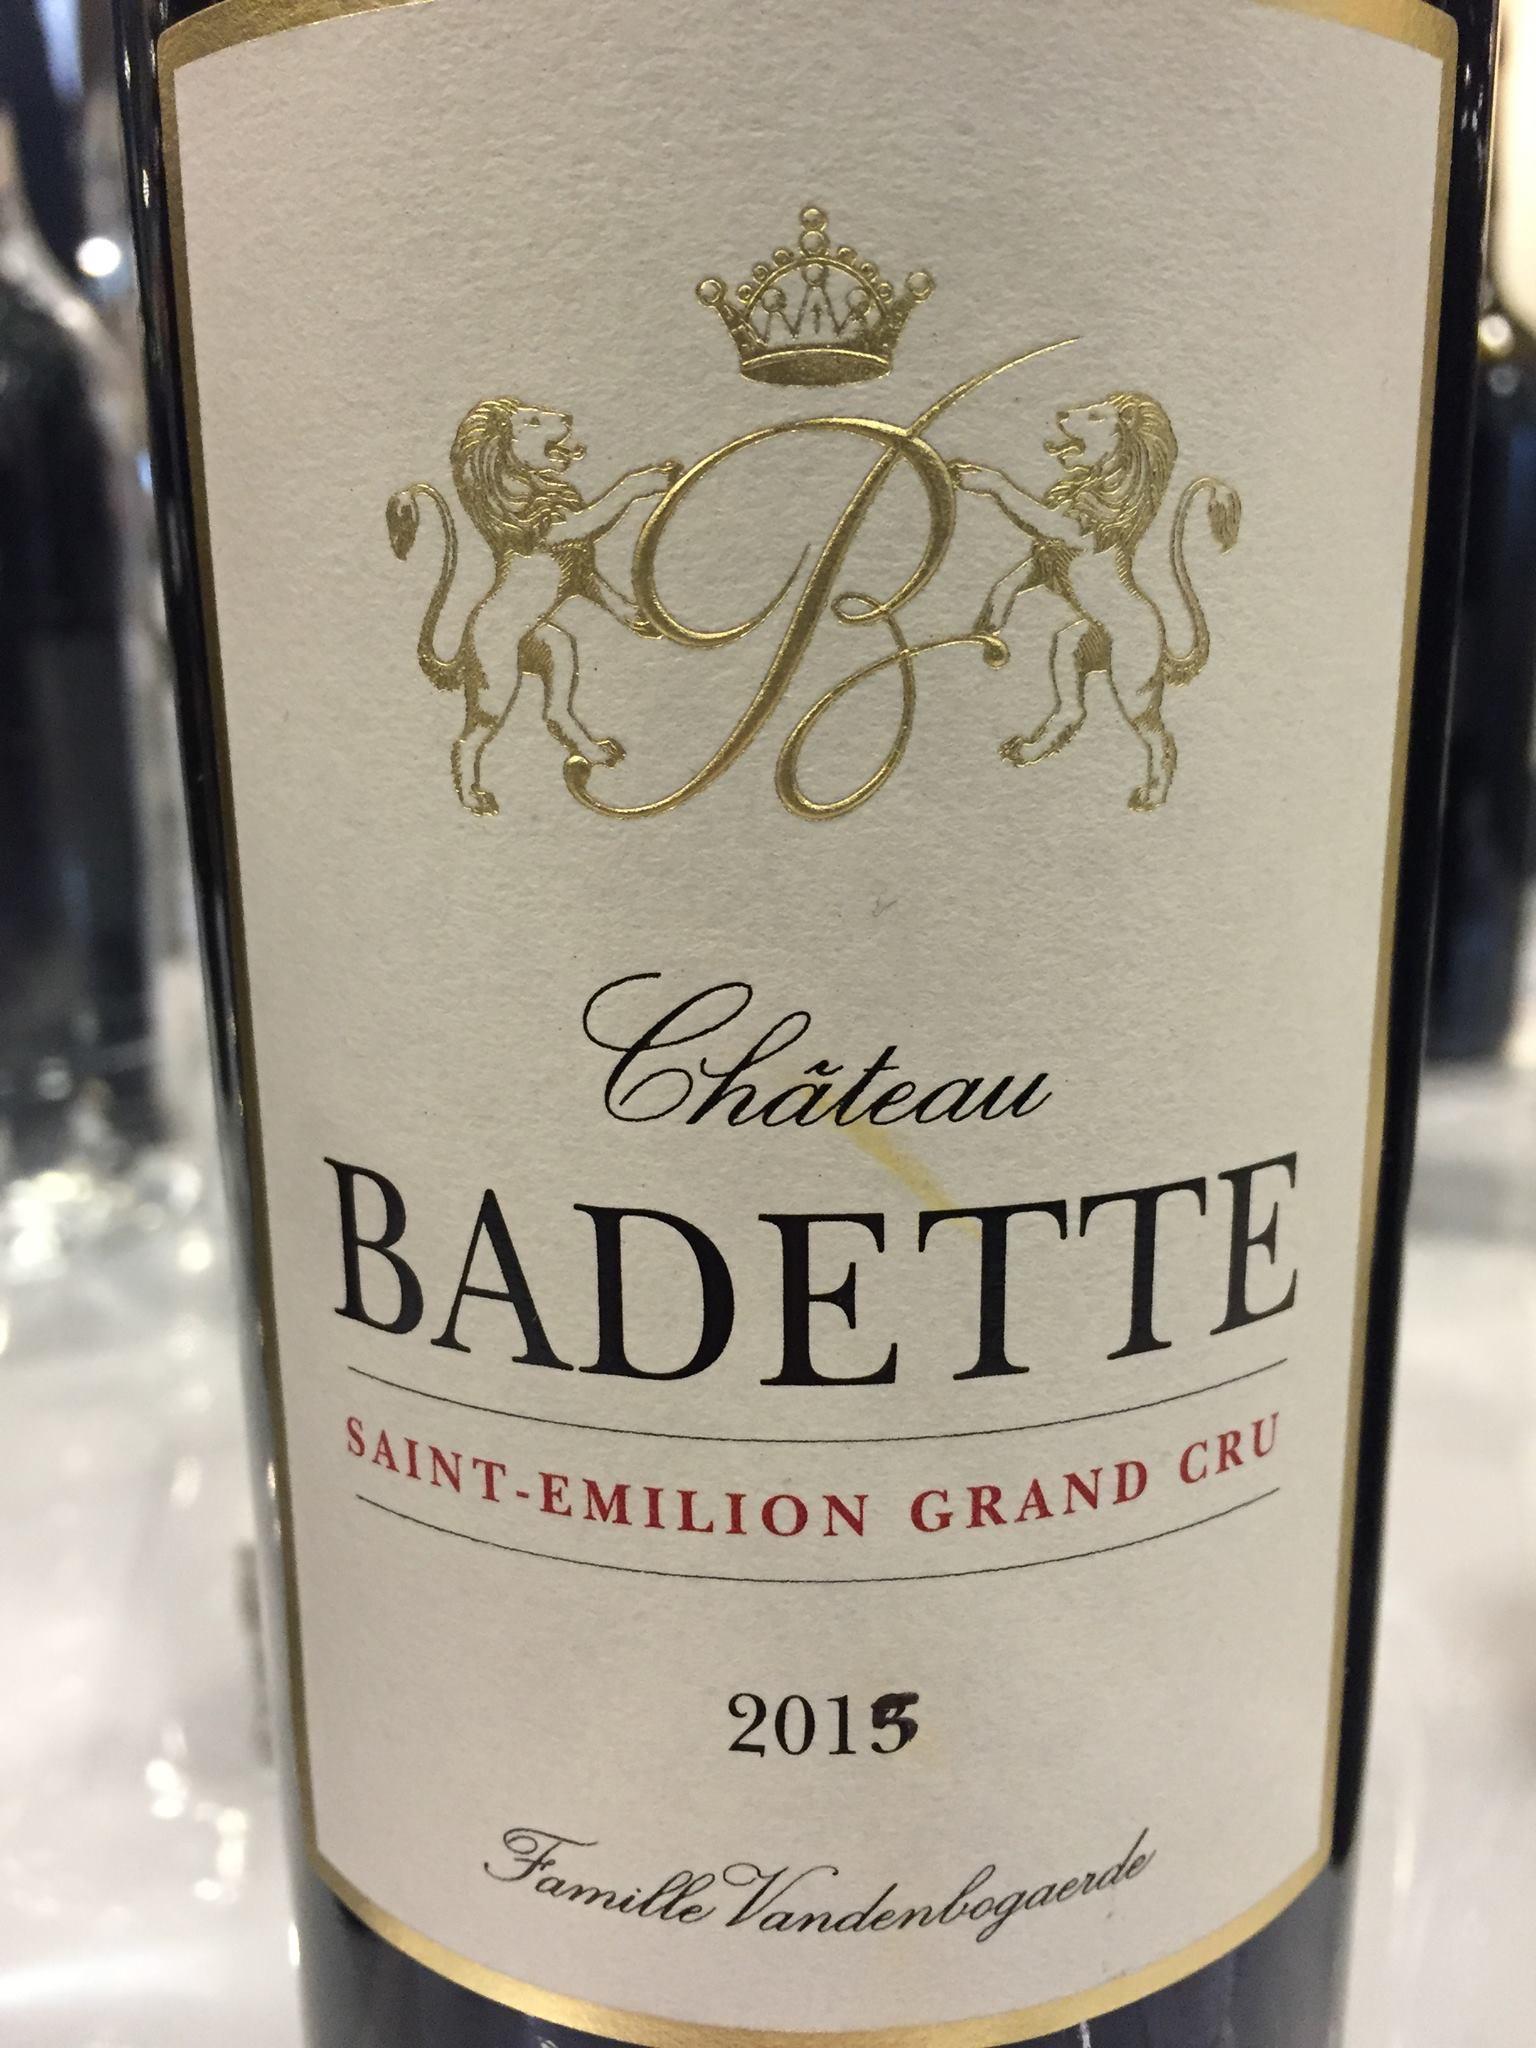 Château Badette 2015 – Saint-Emilion Grand Cru